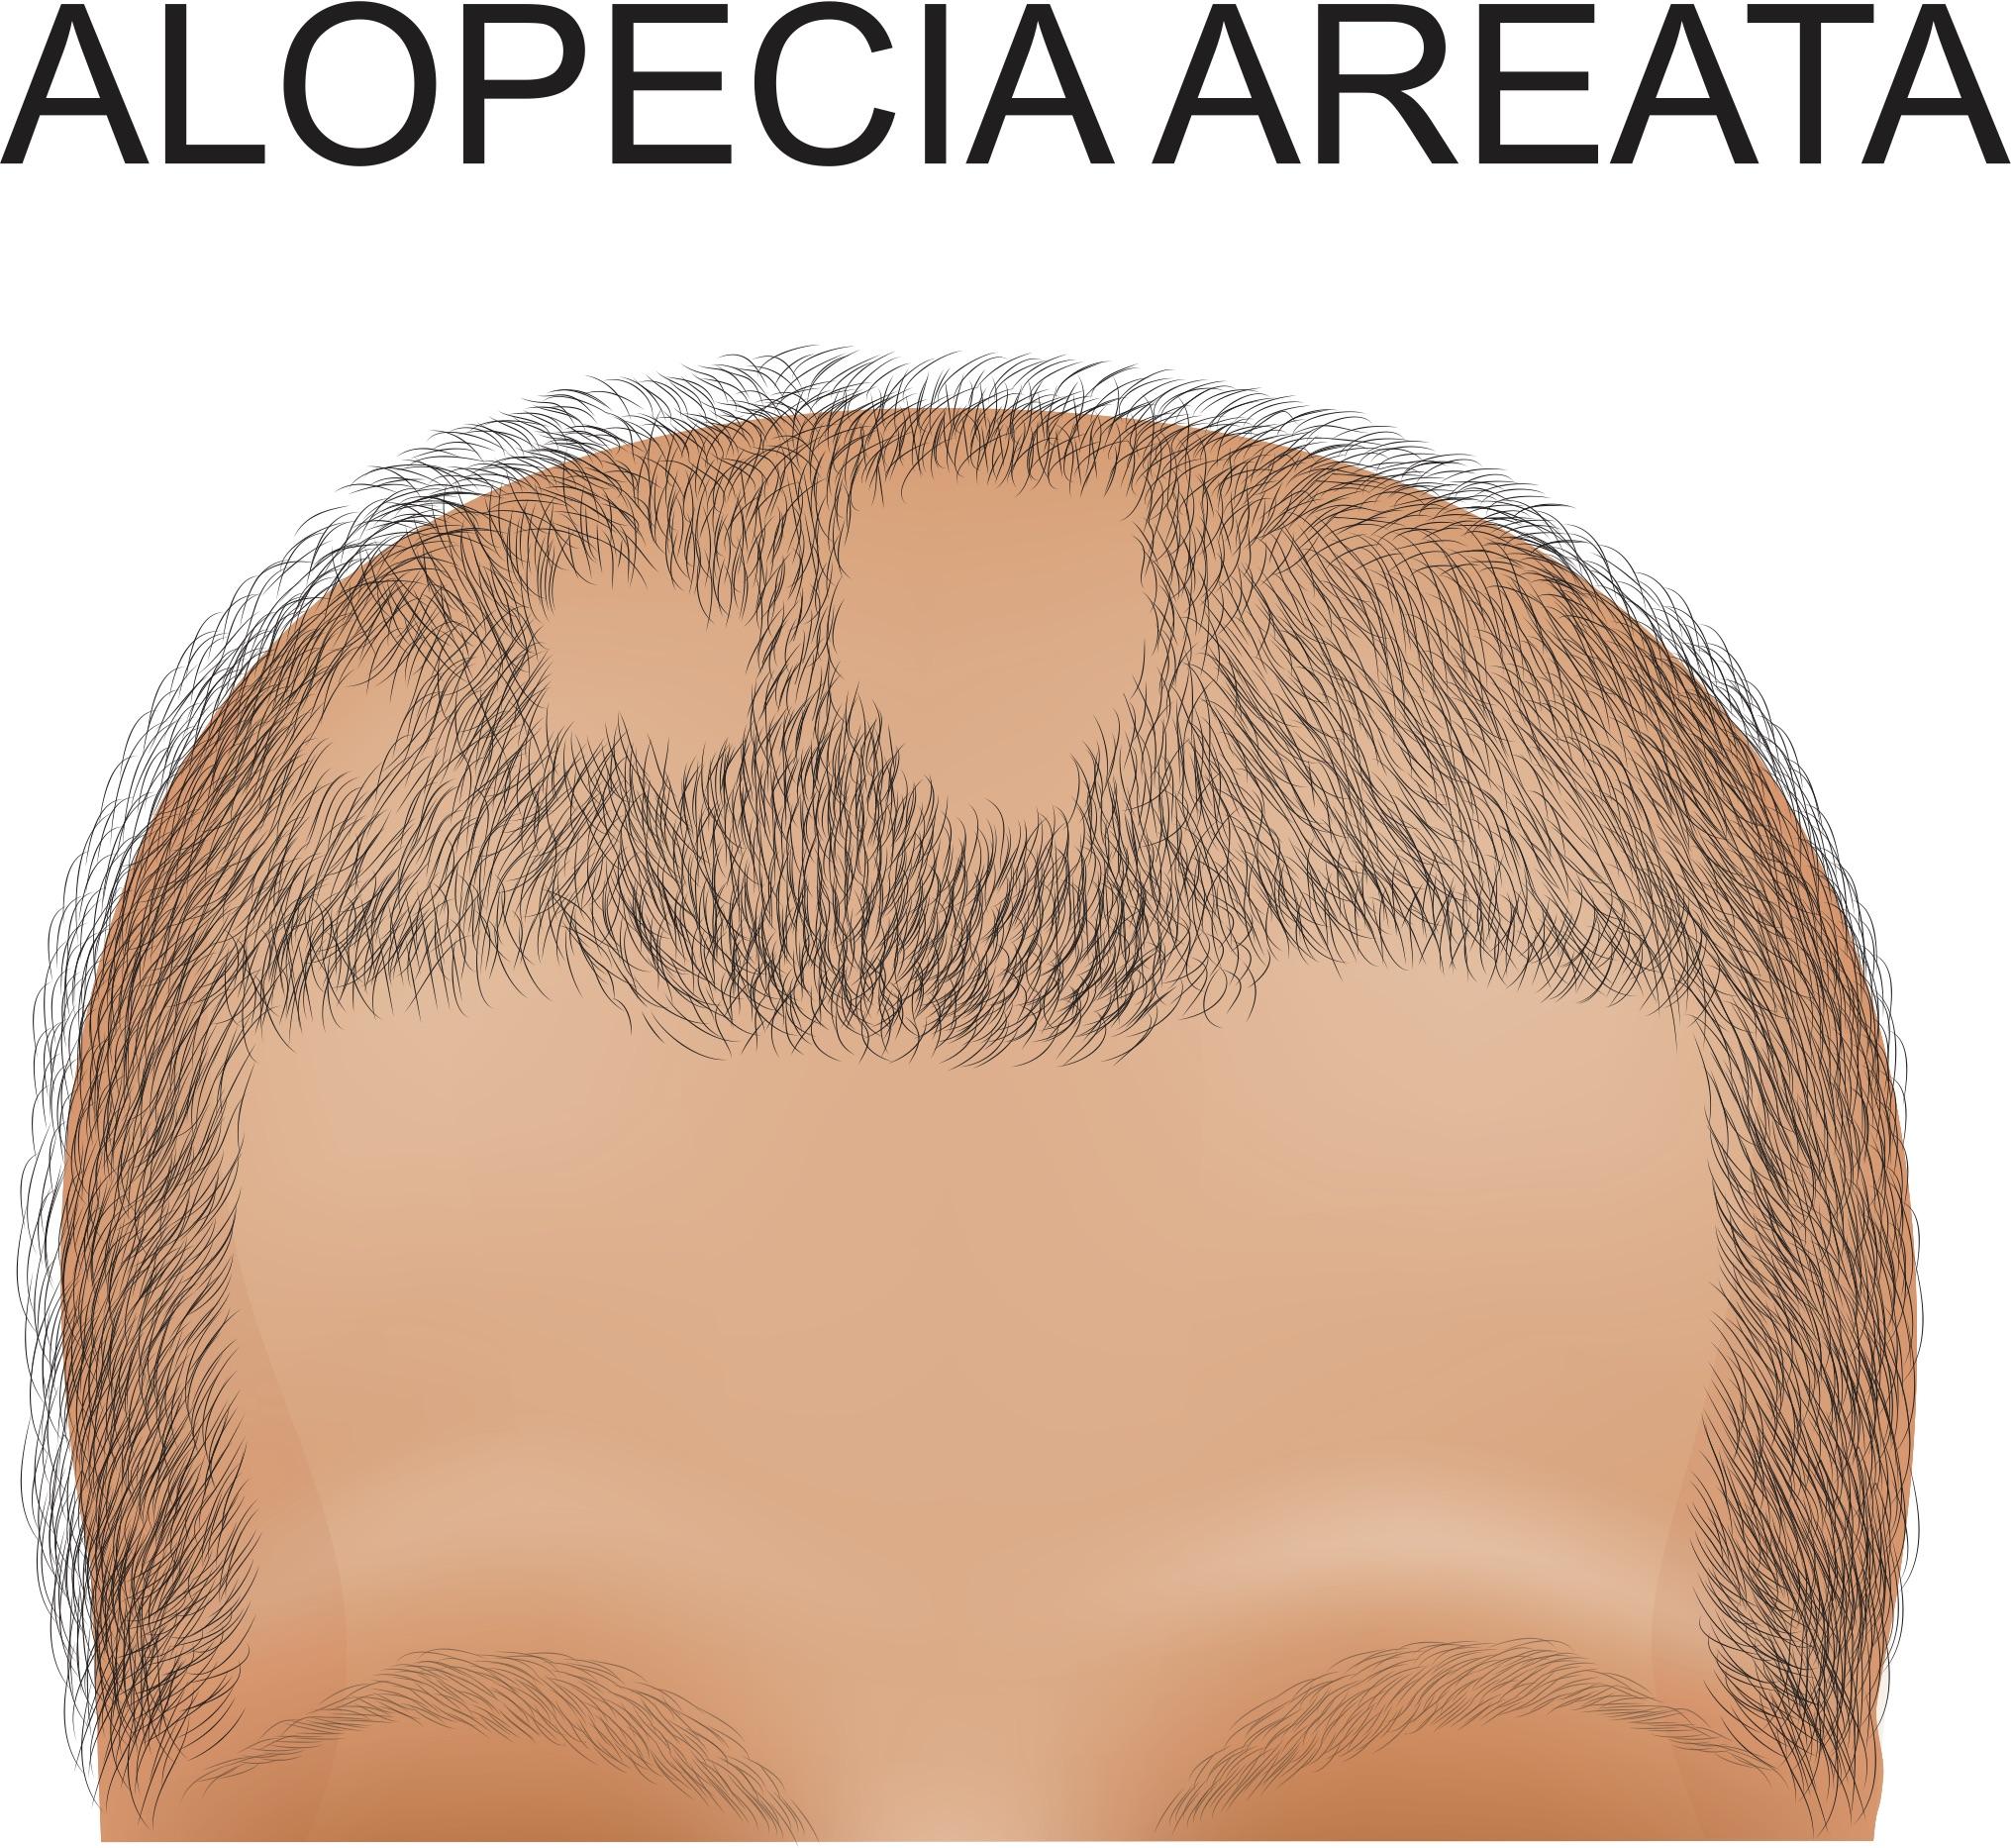 Alopecia Areata & Marijuana Information: Treat Alopecia Areata With Cannabis